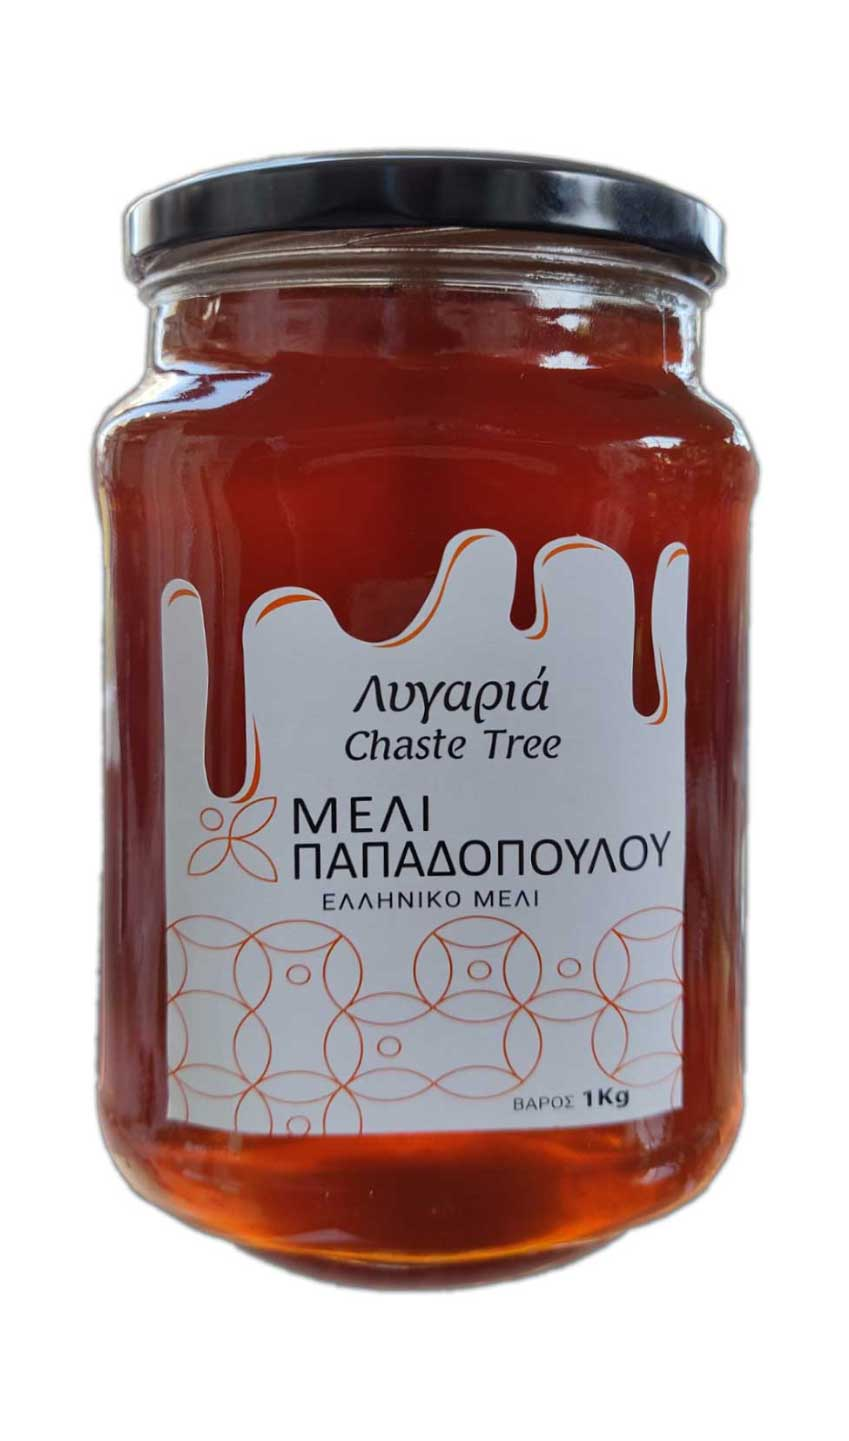 Μέλι λυγαριά